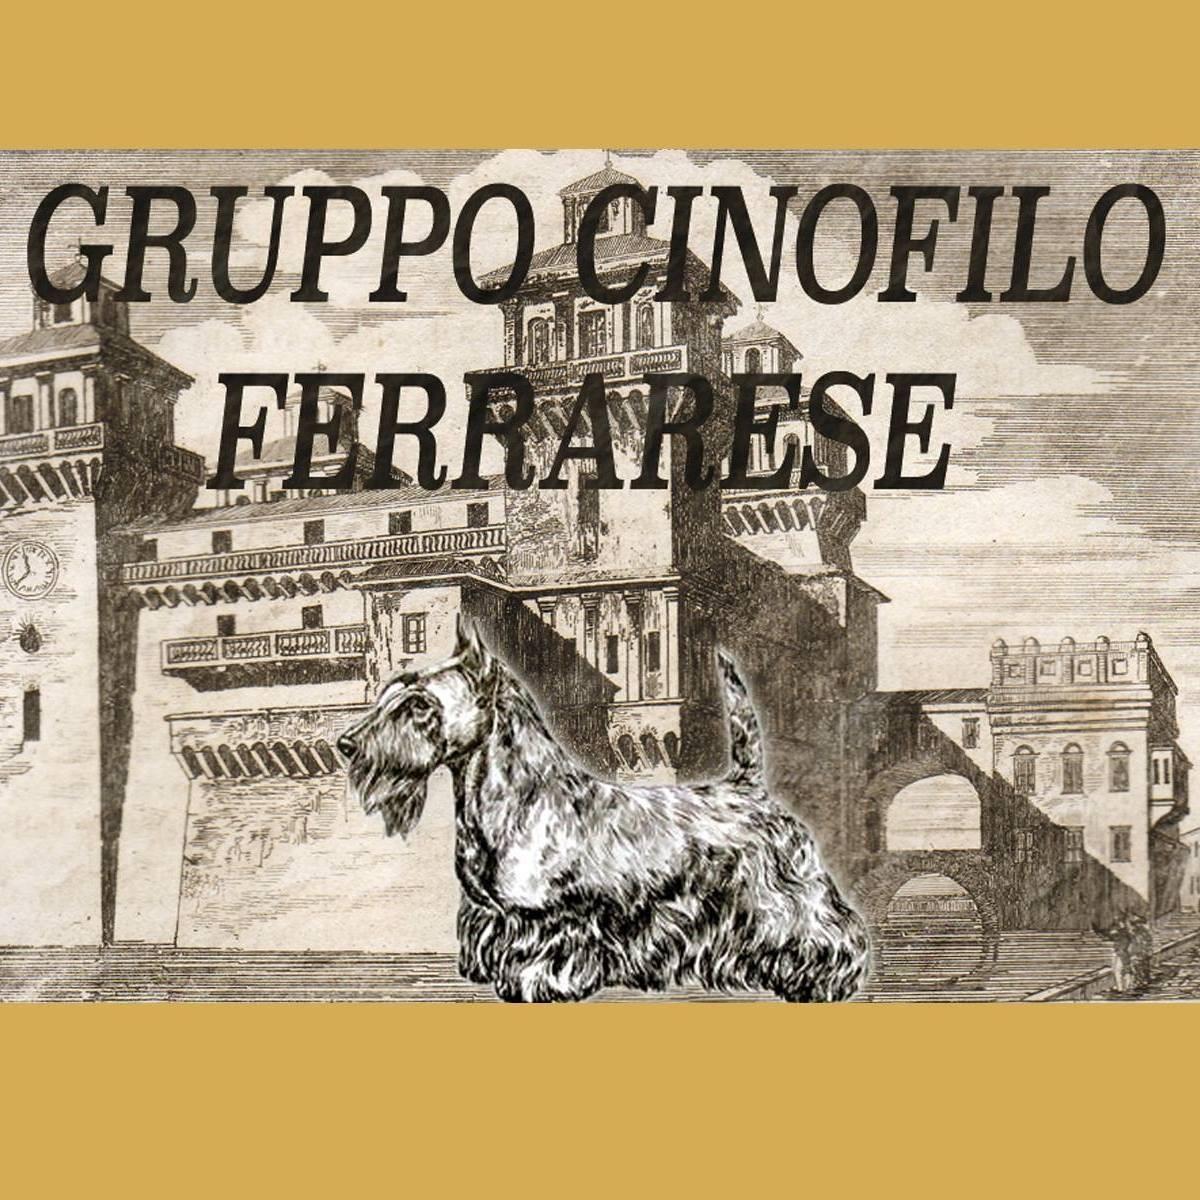 Gruppo Cinofilo Ferrarese